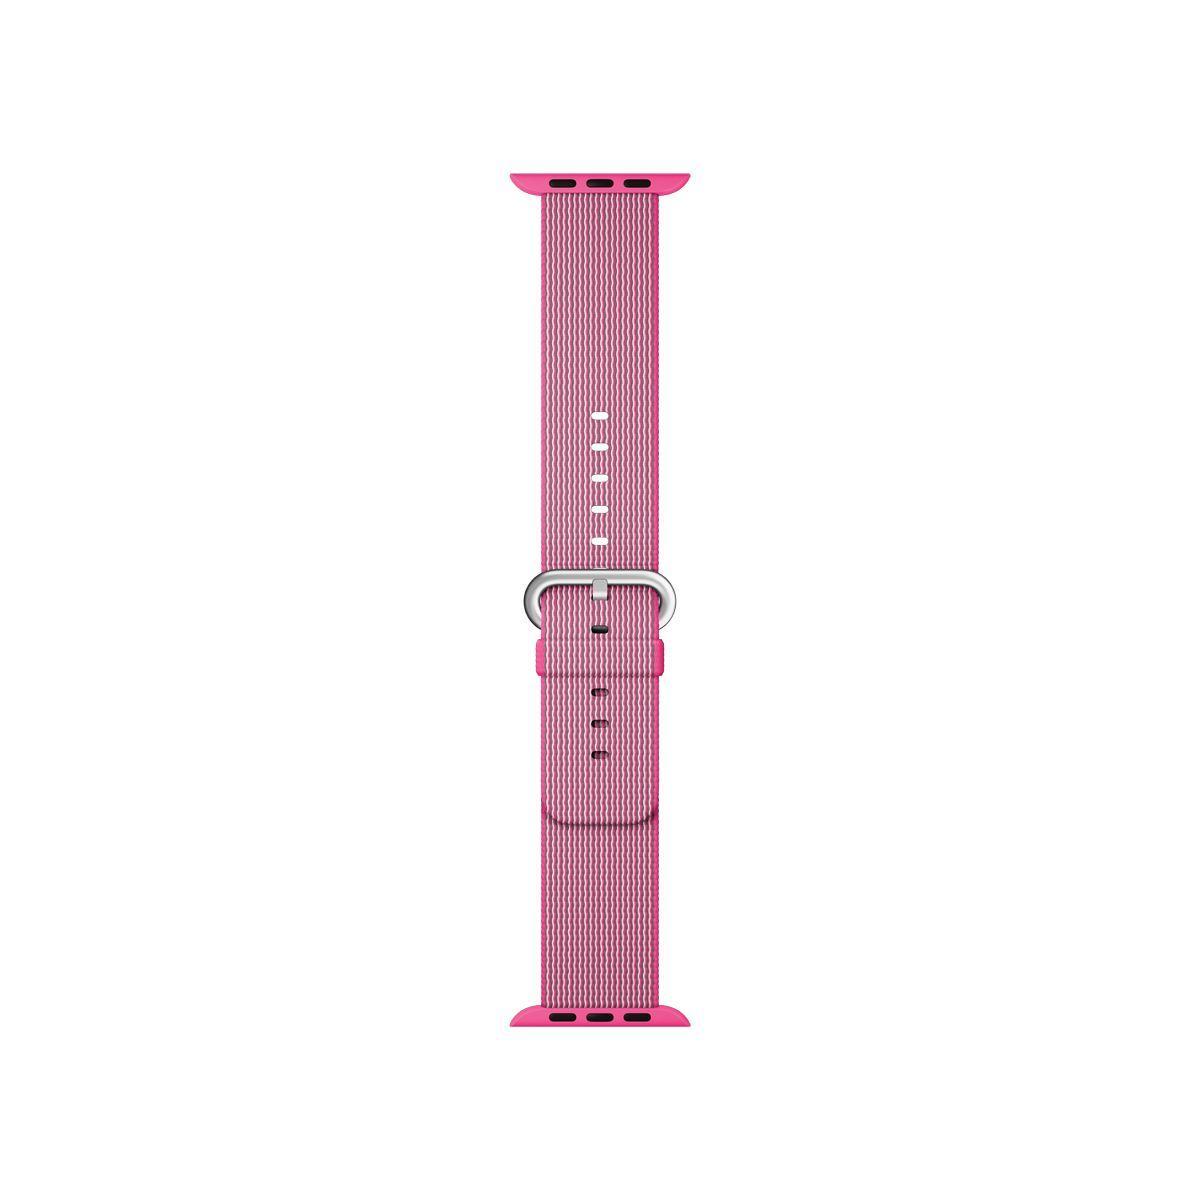 Bracelet apple watch nylon tissé rose 42mm - soldes et bons plans